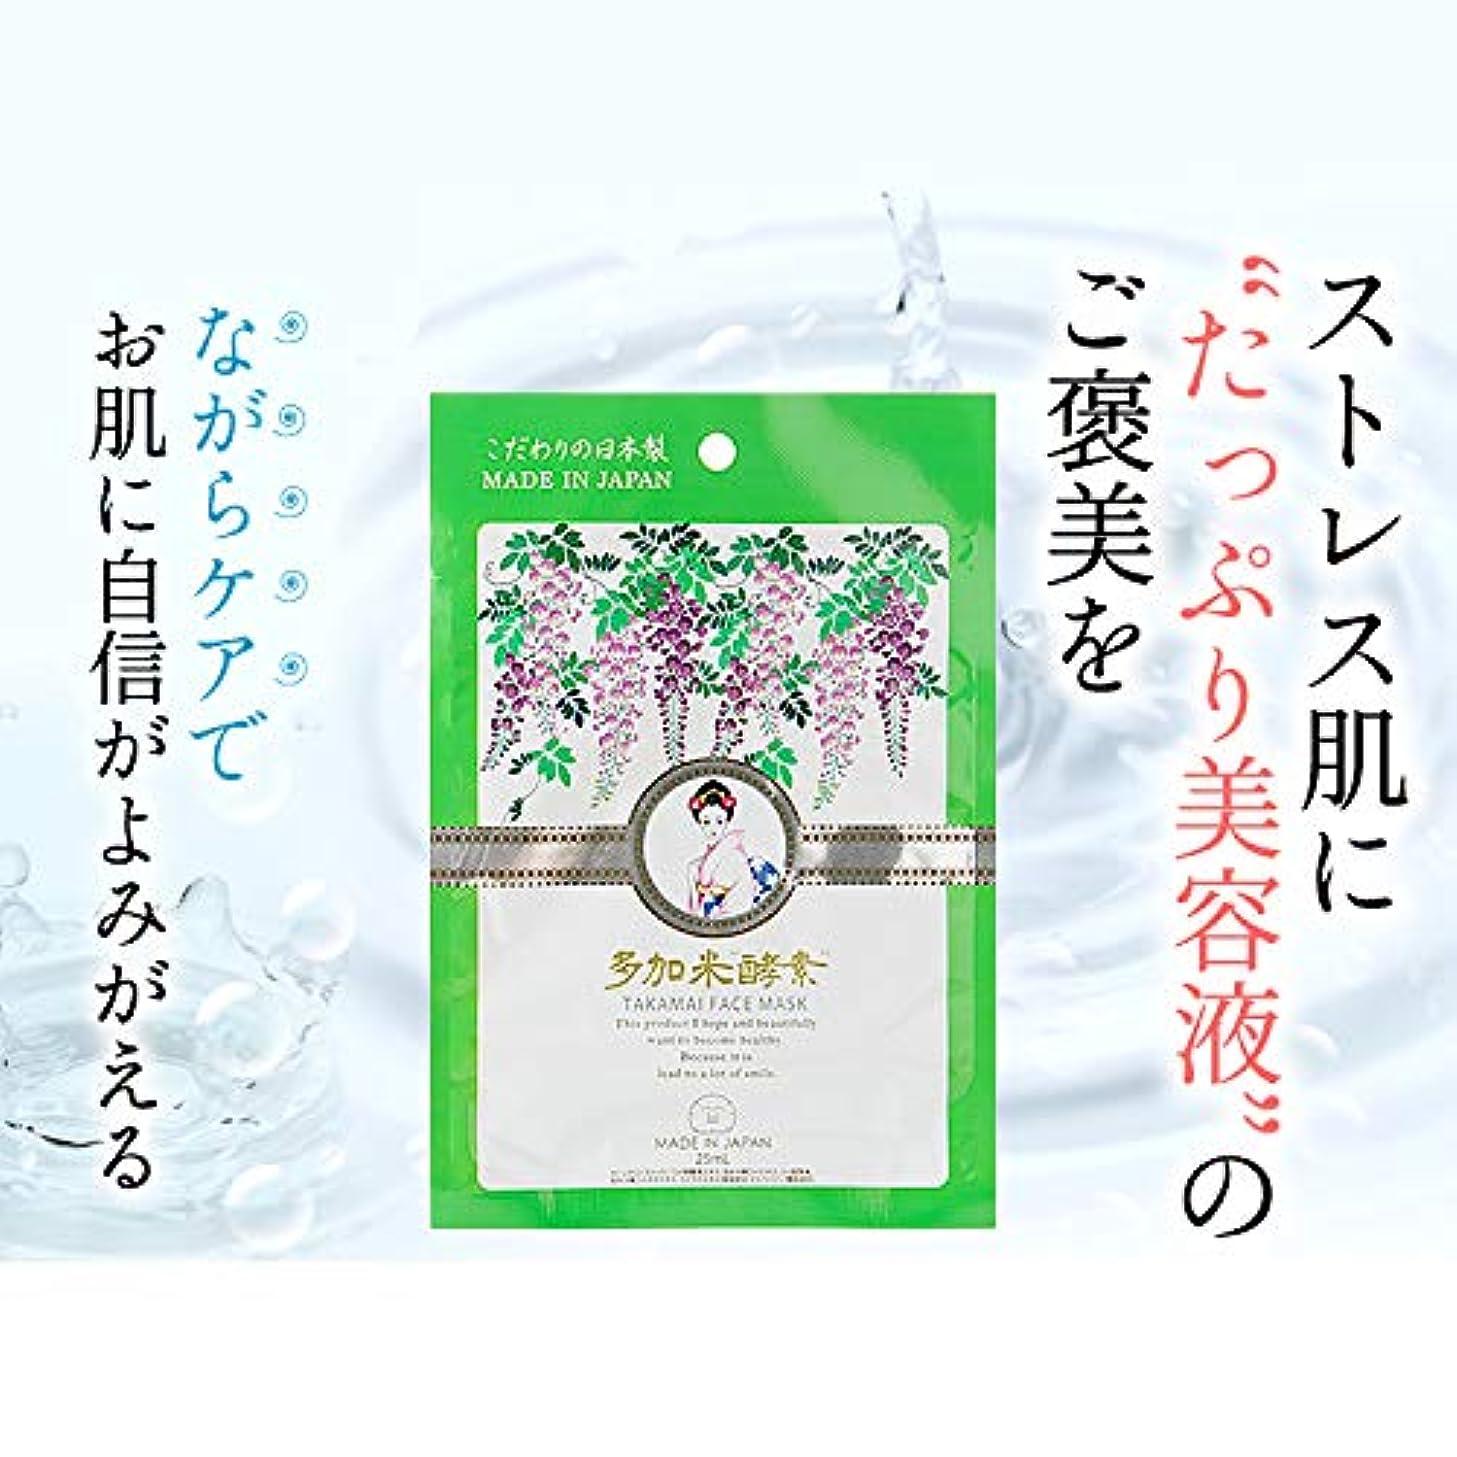 聖歌間隔ミスペンド多加米酵素フェイスマスク シートマスク フェイスマスク 保湿マスク 美容液 25ml 10枚セット